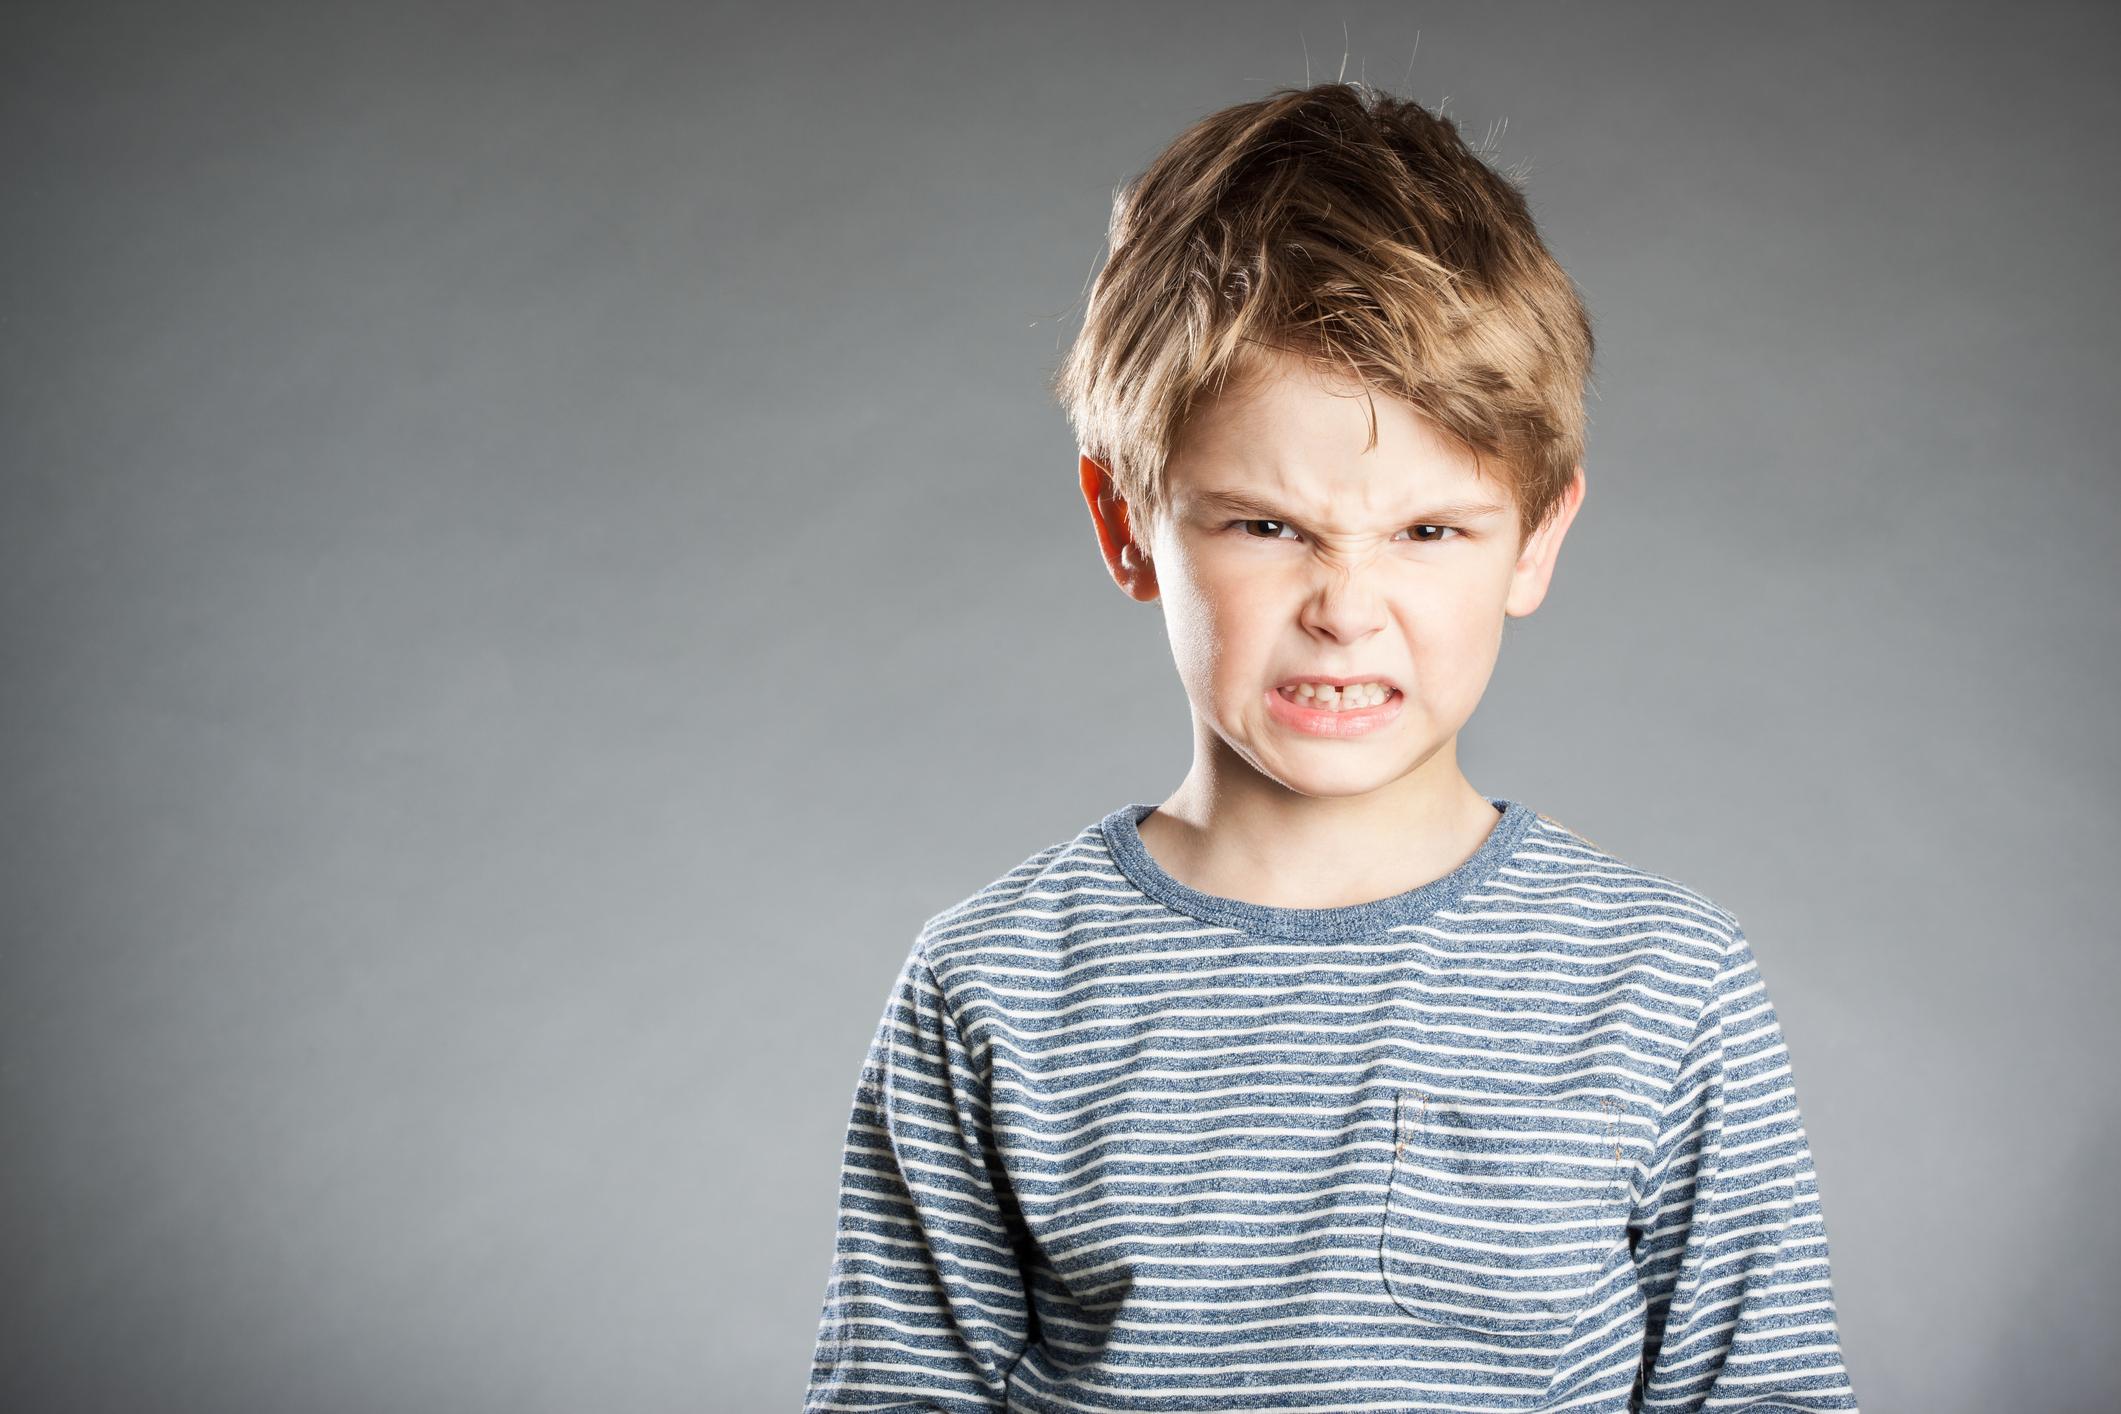 مفاتيح التعامل مع الطفل العصبي ليكف عن العصبية